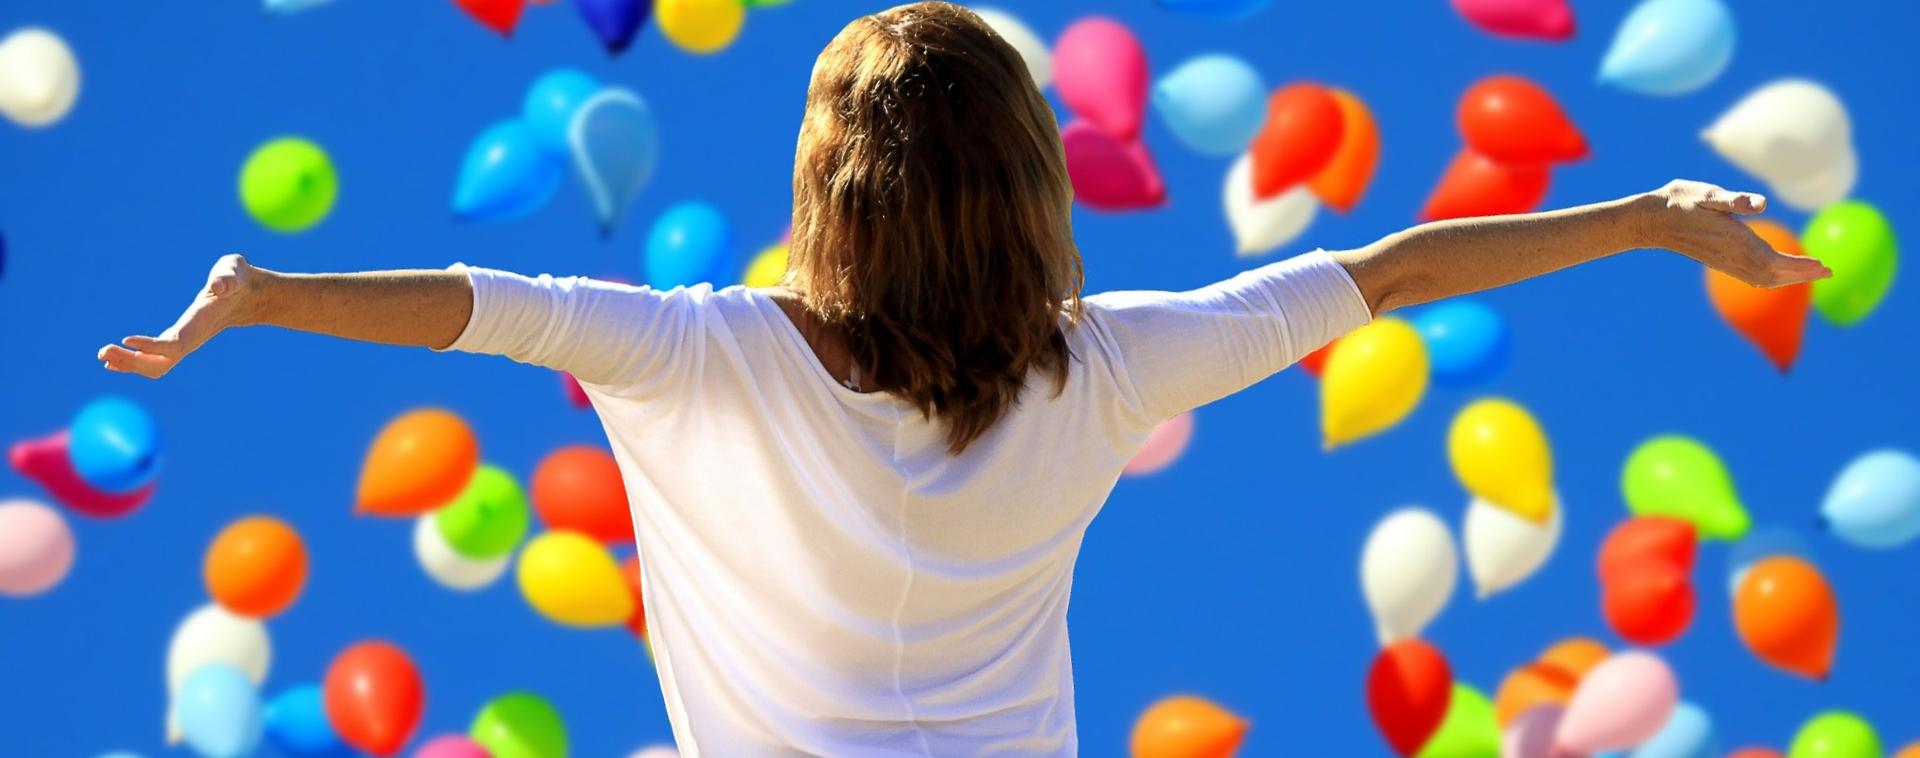 You are currently viewing 5 façons de renforcer votre confiance en soi